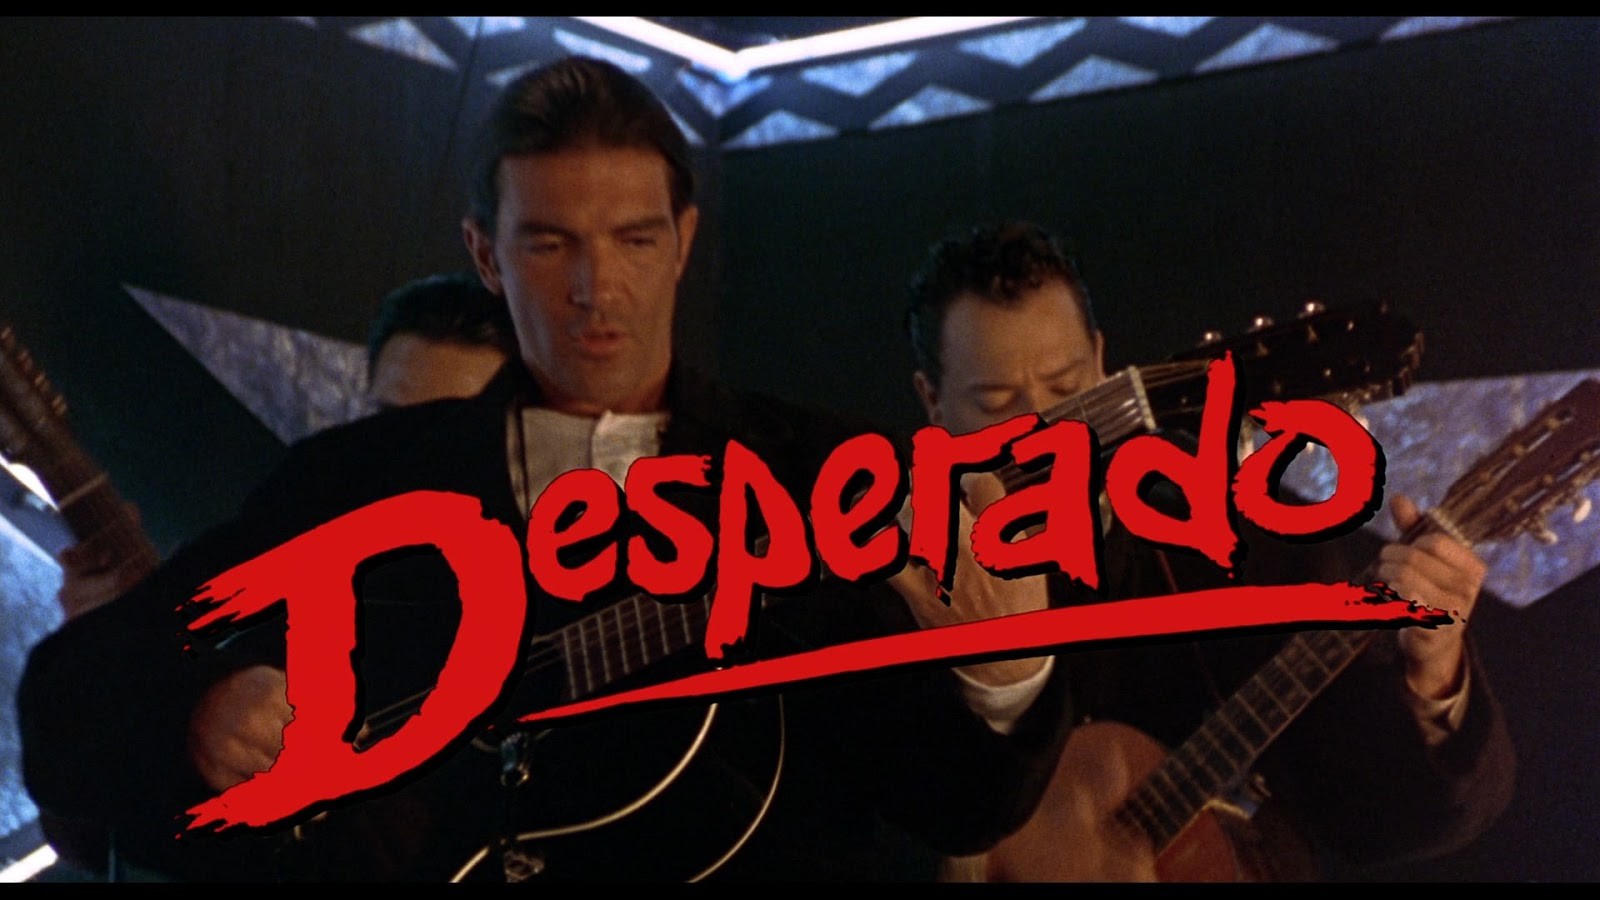 Desperado+%281995%29+1080p+BDRemux+Latino+-+Ingles+-+Descargatepelis.com.mkv_snapshot_00.09.01_%5B2020.01.12_20.00.27%5D.jpg (1600×900)